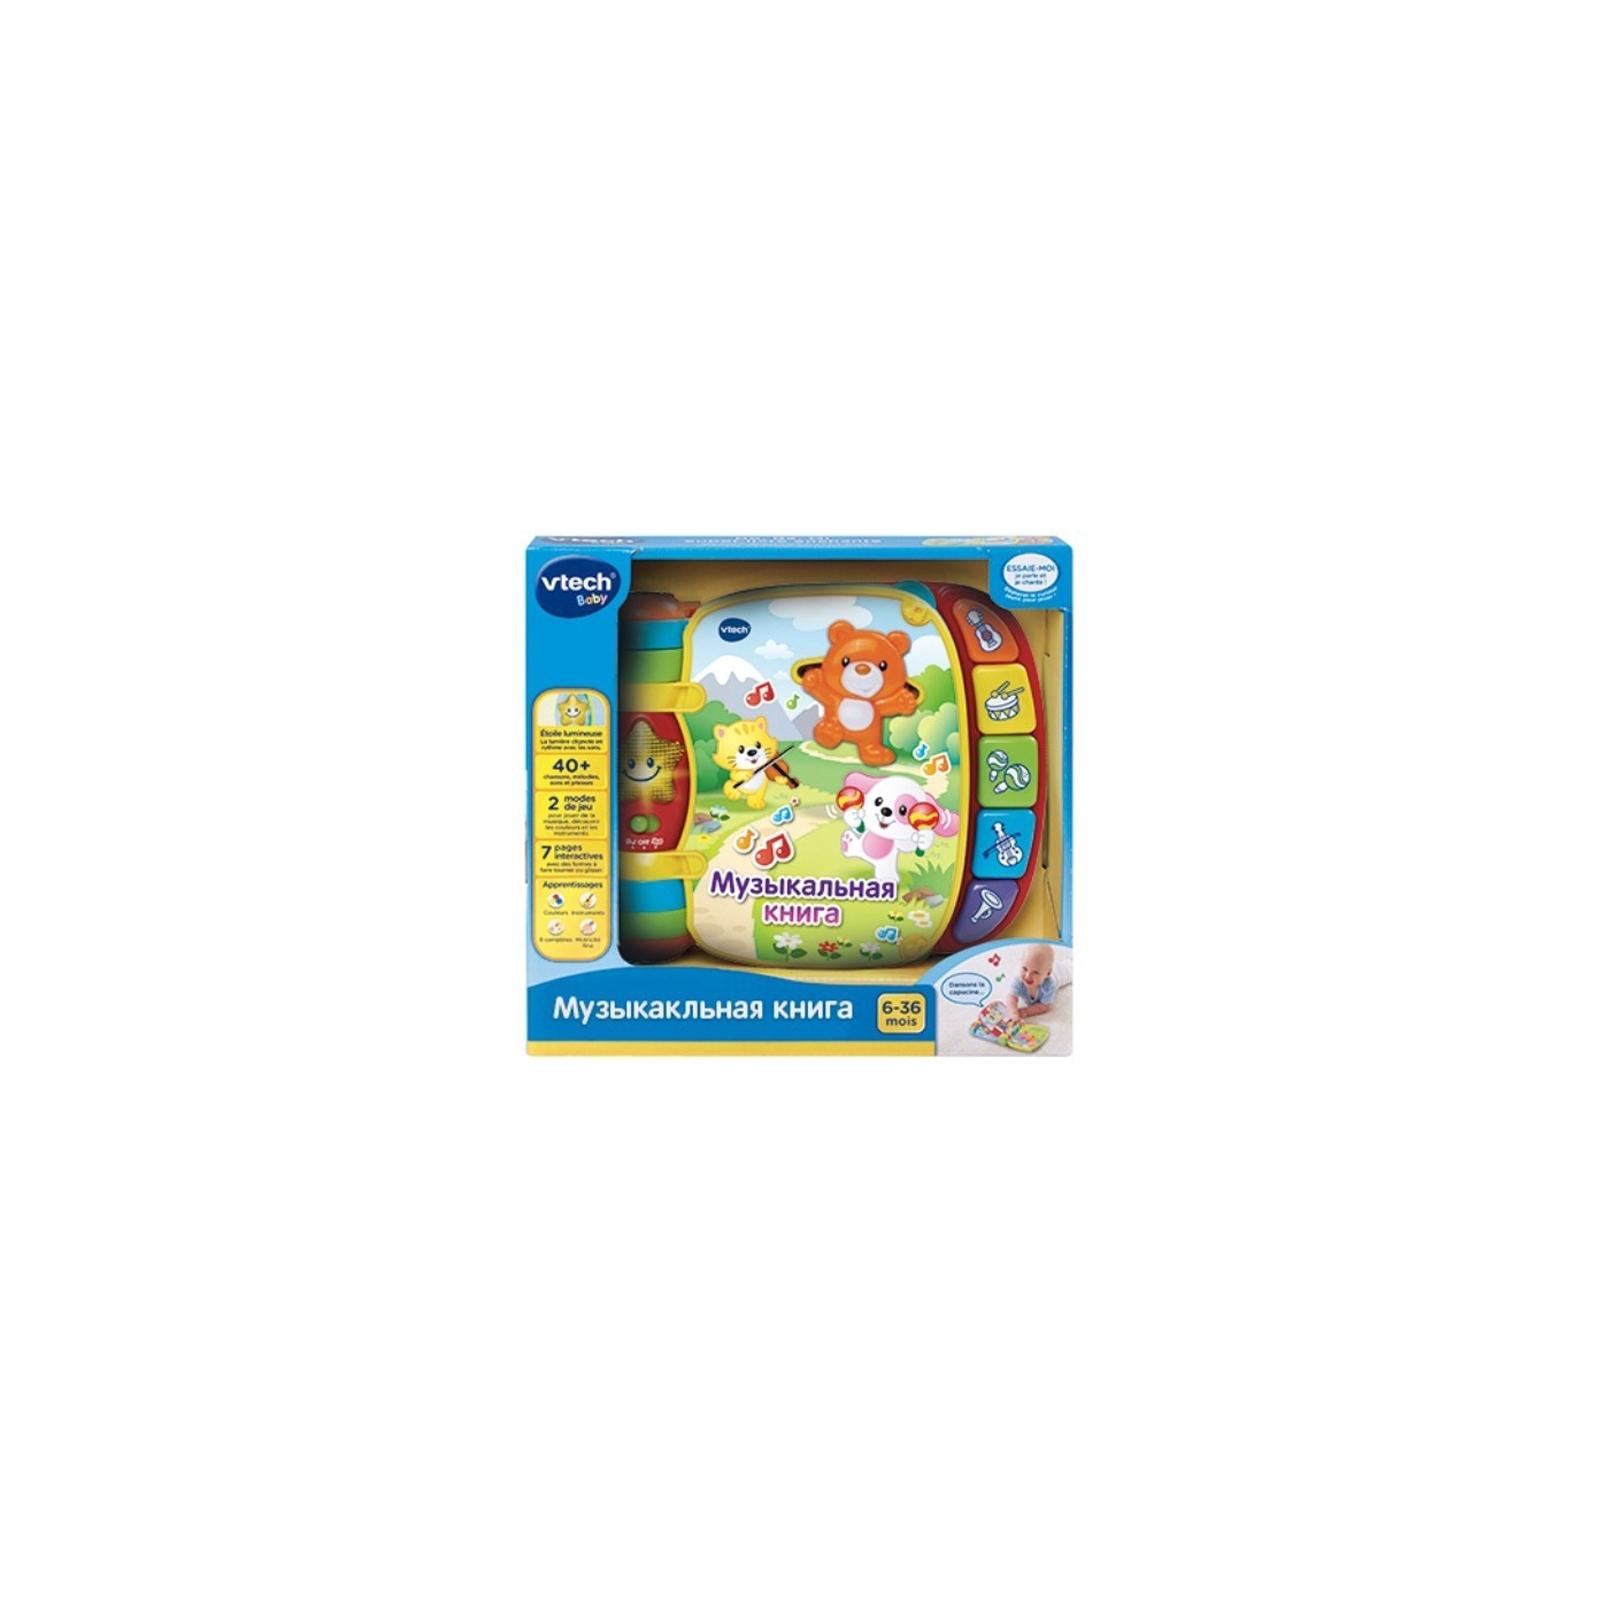 Развивающая игрушка VTech Музыкальная книга со звуковыми эффектами (80-166726) изображение 5